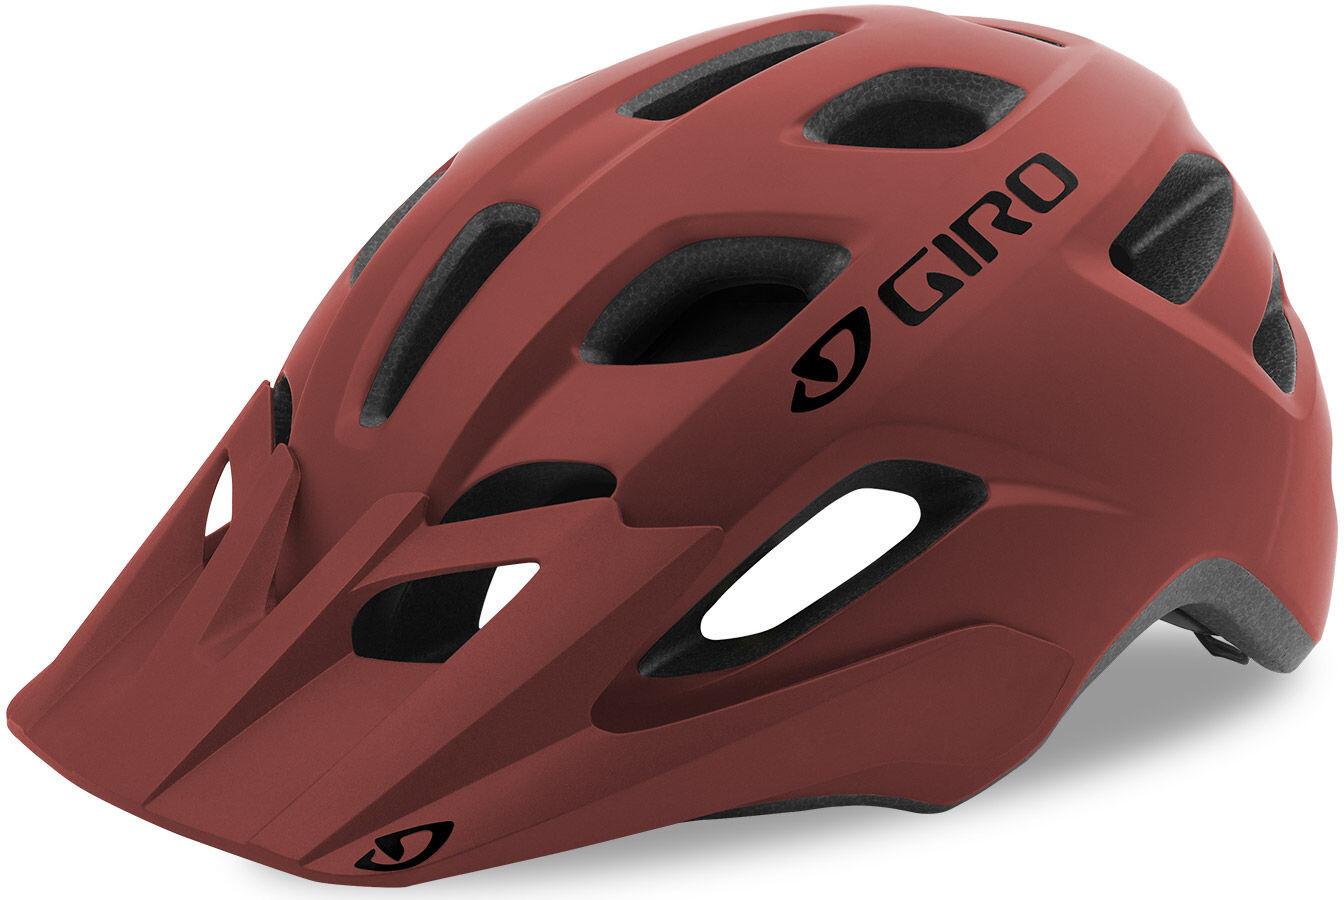 Giro Tremor MIPS Cykelhjälm röd - till fenomenalt pris på Bikester df387f62a80de